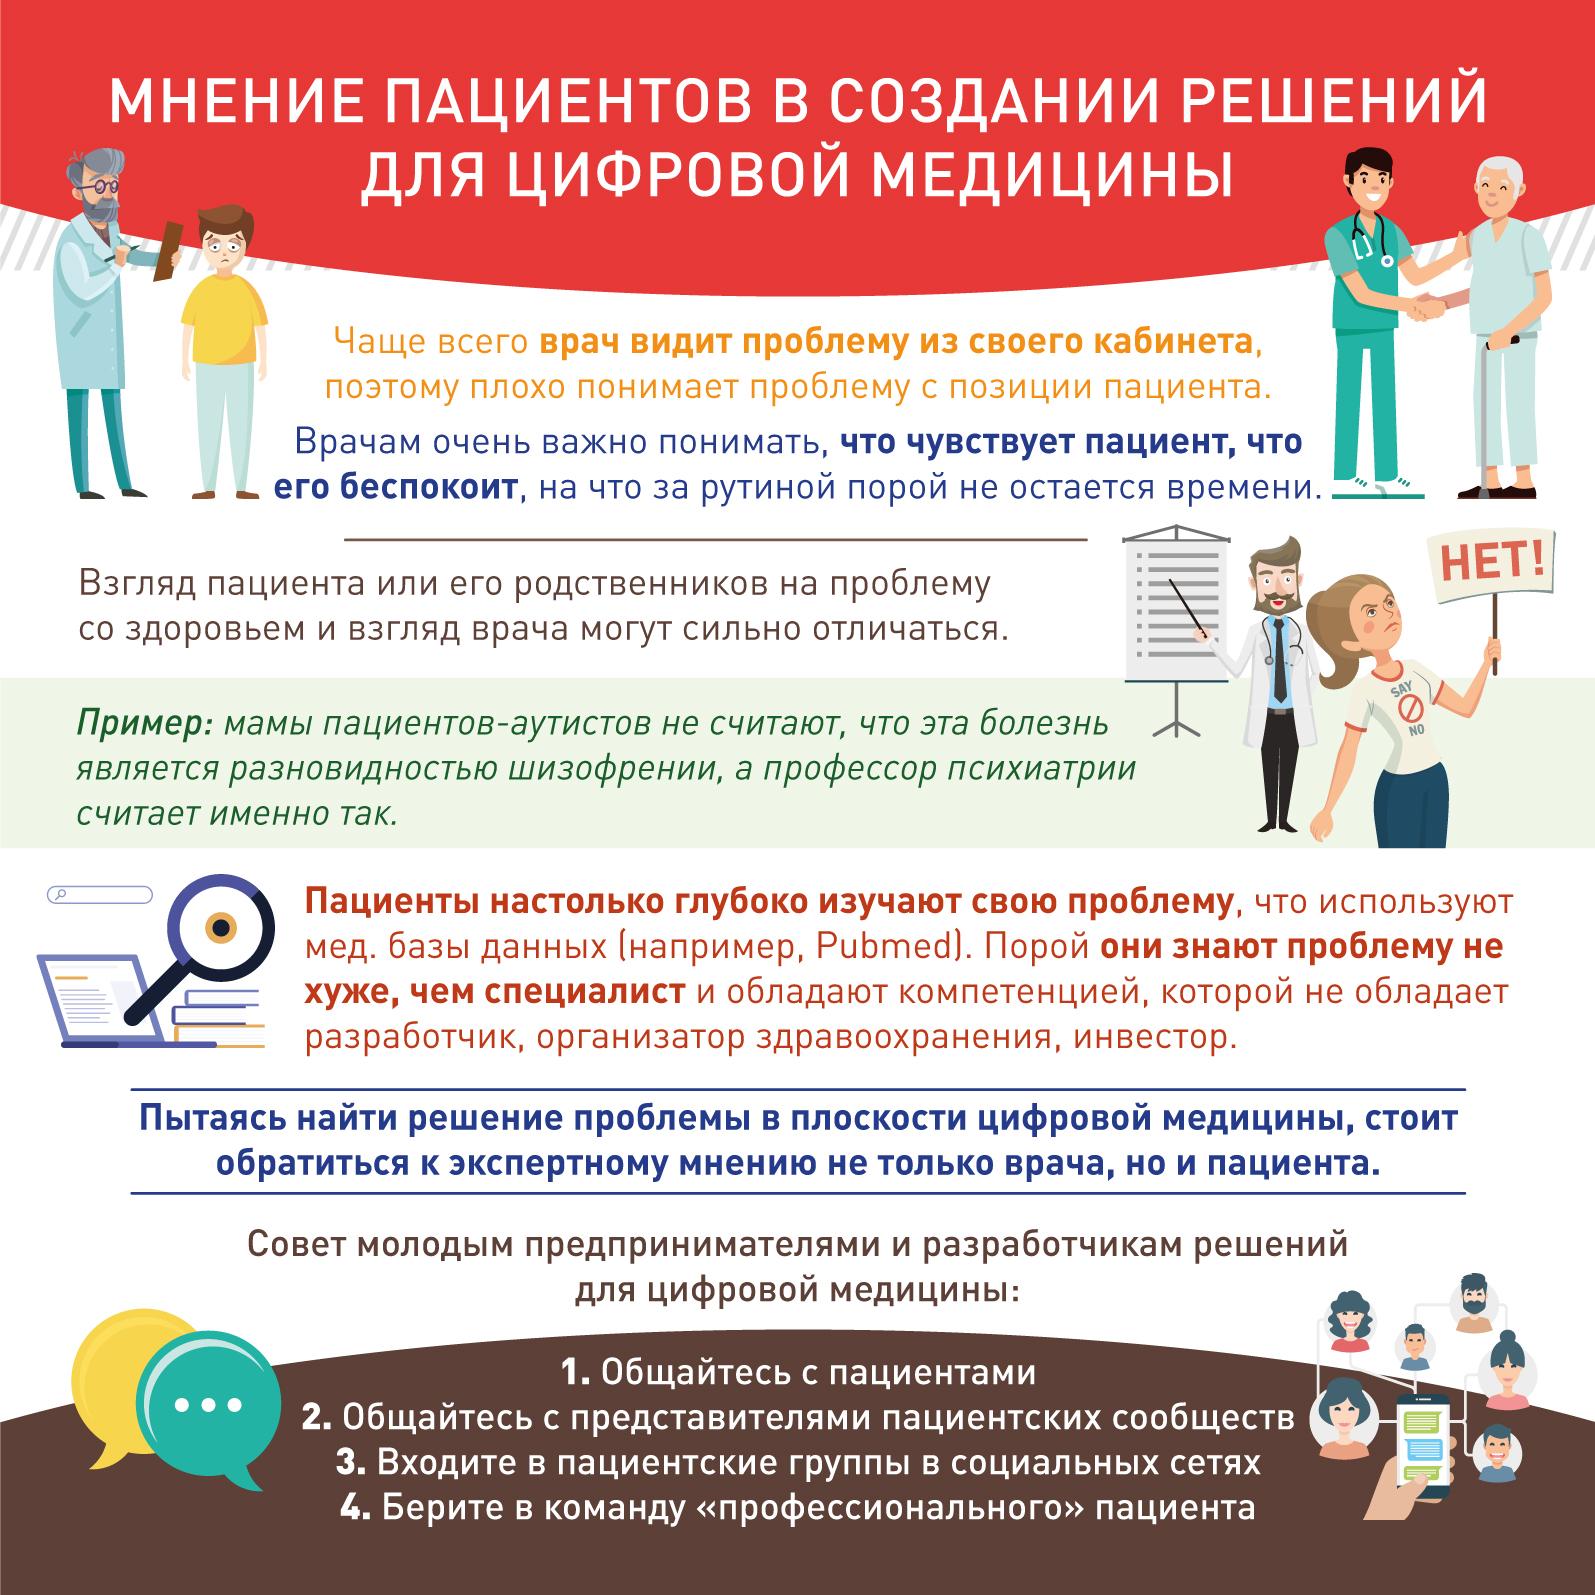 Мнение пациентов в создании решений для цифровой медицины